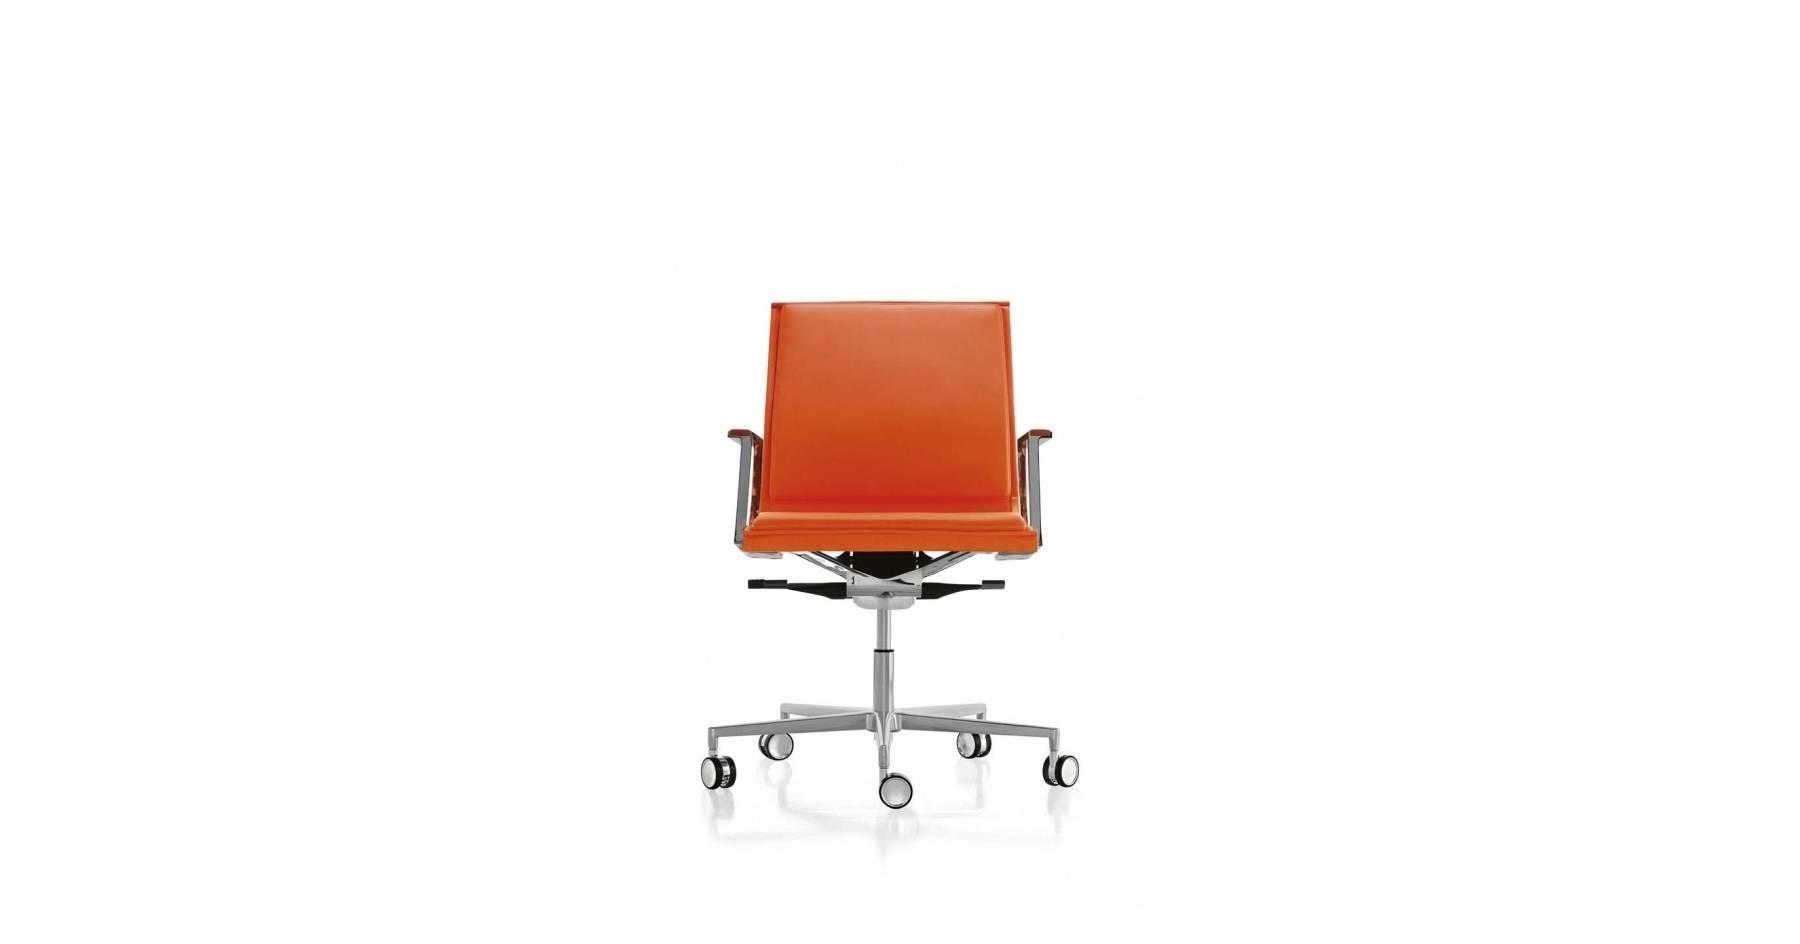 sedute_direzionali_luxy_serie_nulite_ergonomica_girevole_ufficio_schienale_medio_braccioli_imbottita_pelle_arancione